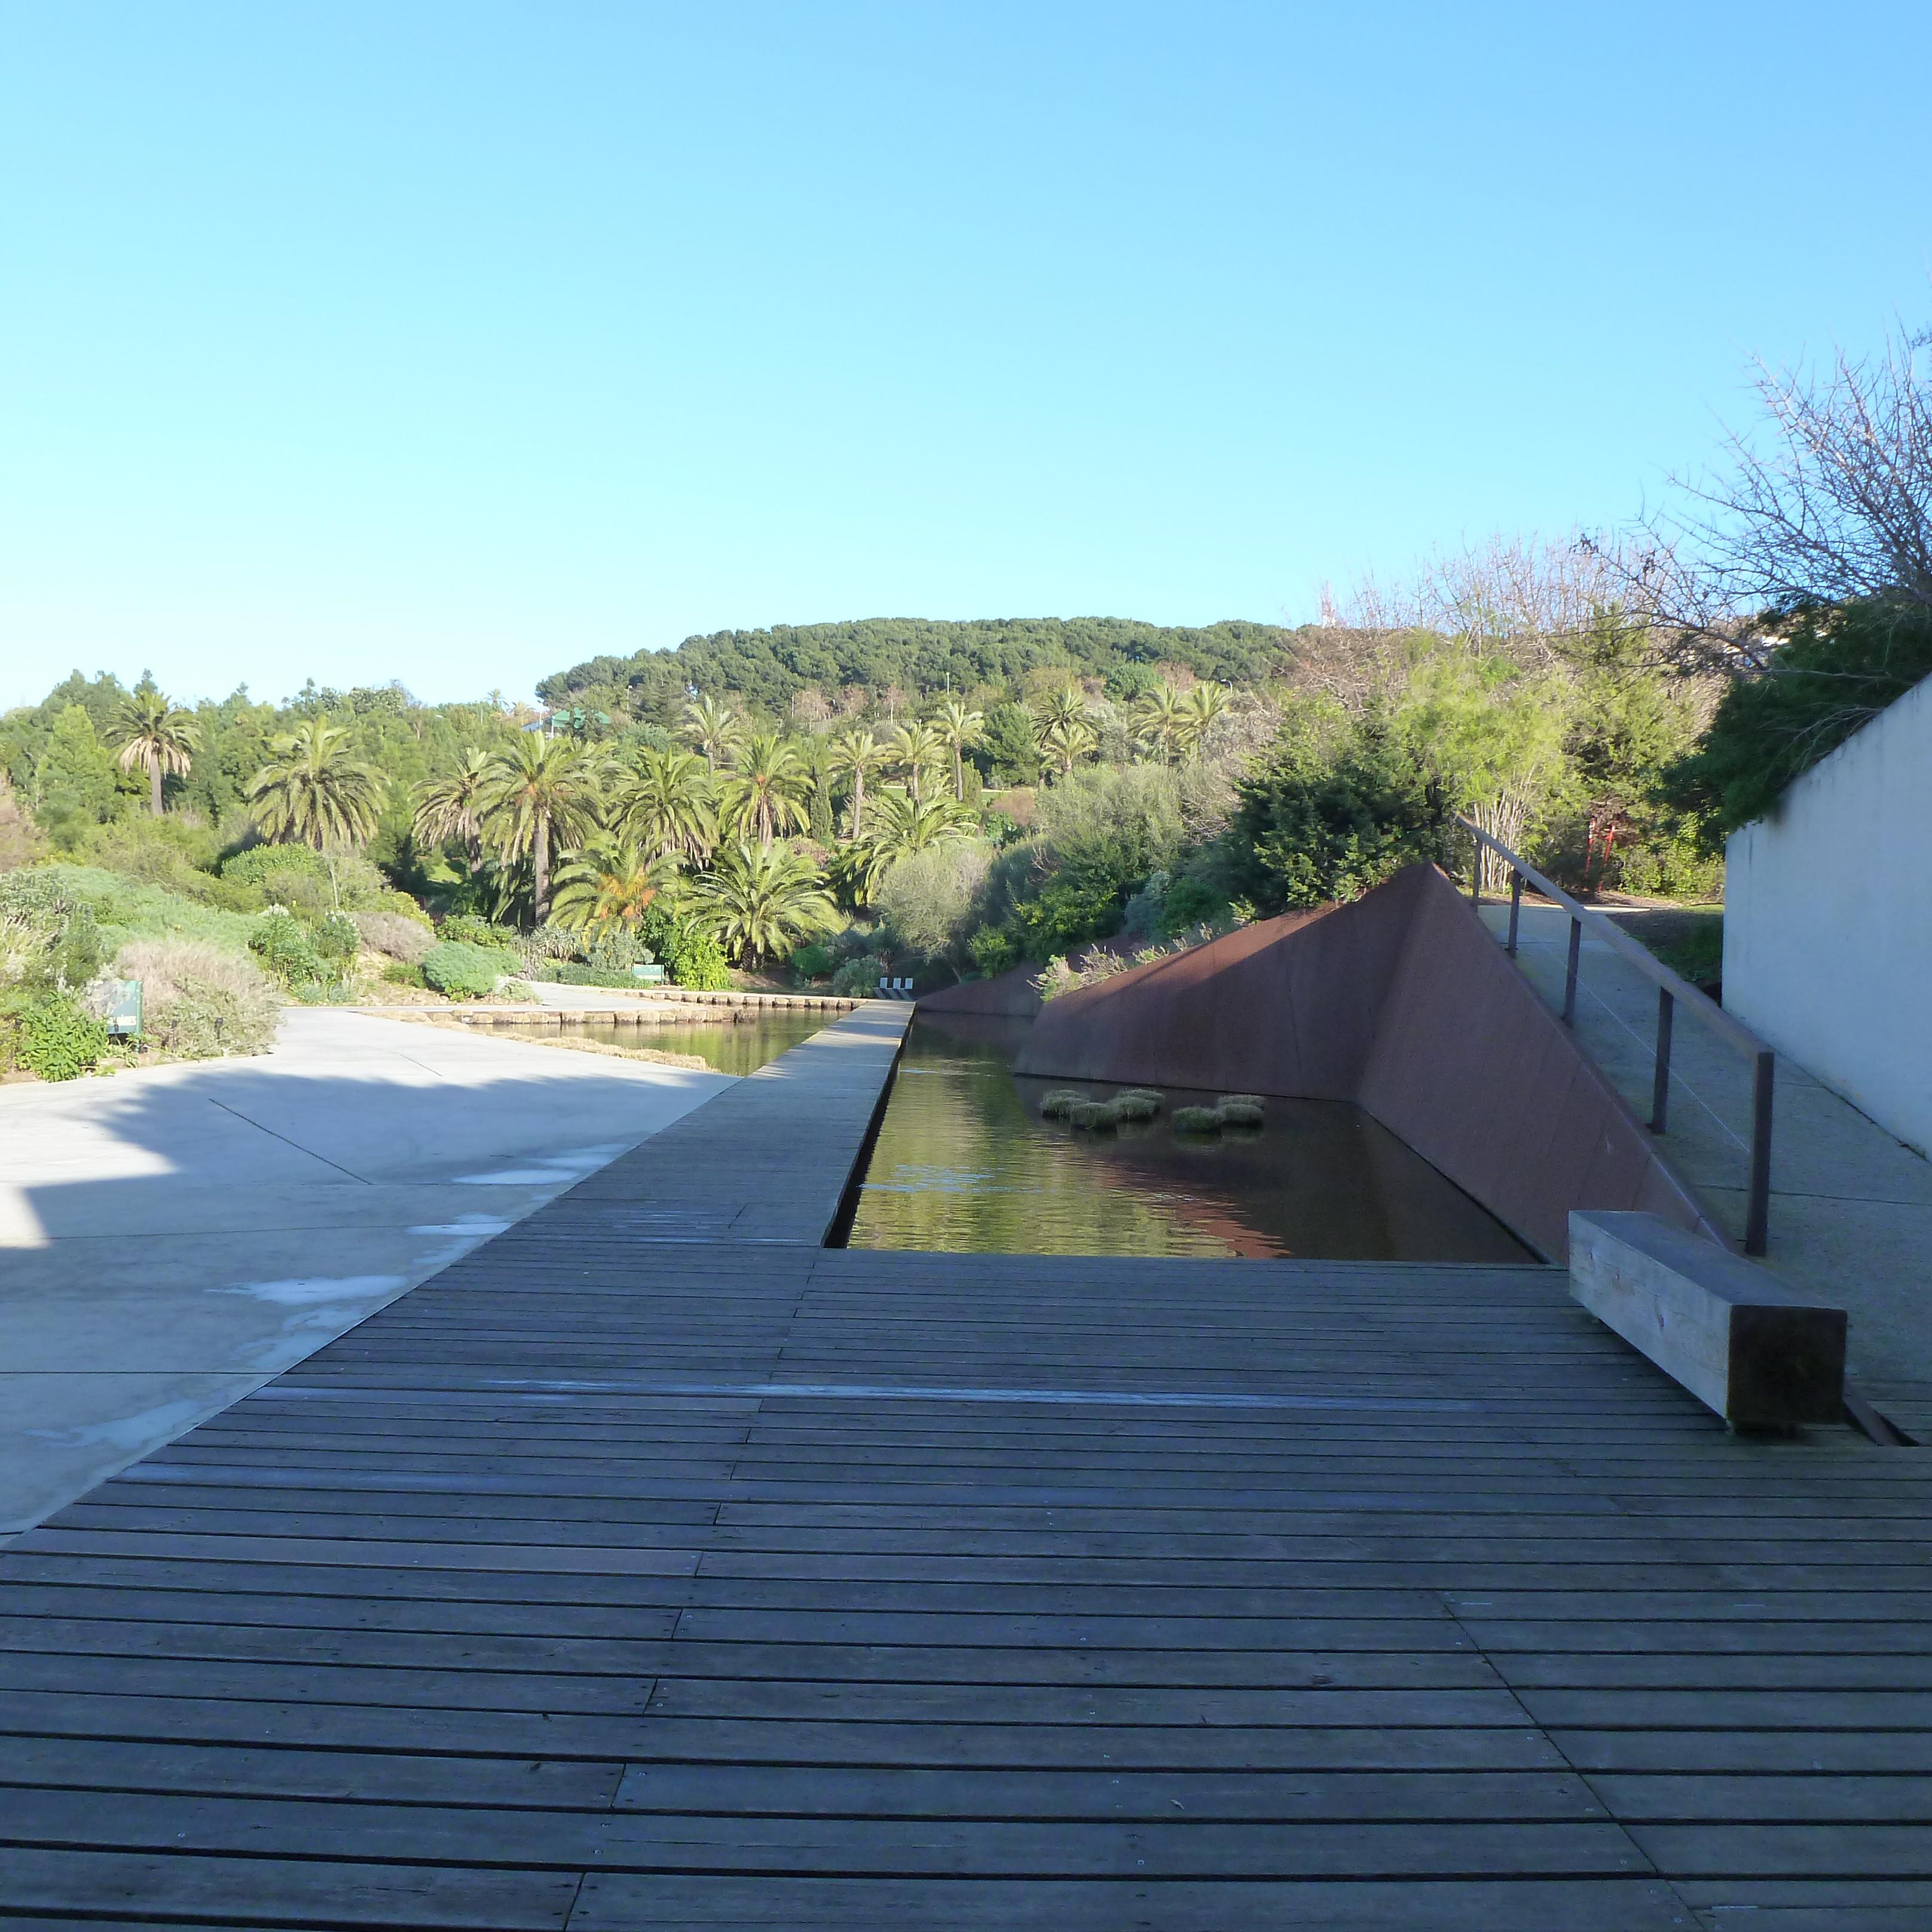 Jardins d ailleurs le jardin botanique de barcelone for Jardin botanique barcelone